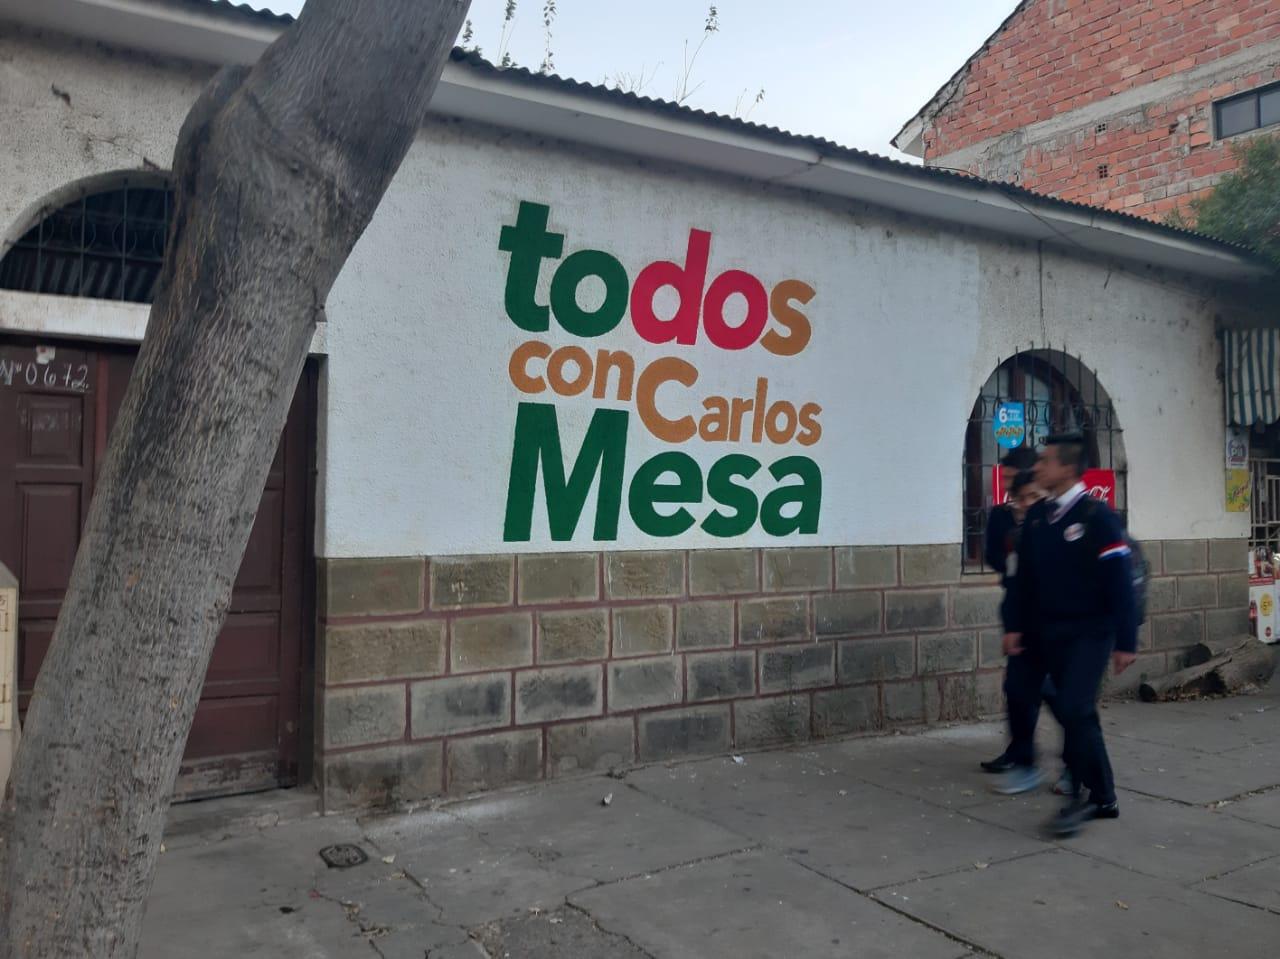 Alcaldía de Tarija trata de prohibir en el centro la propaganda política